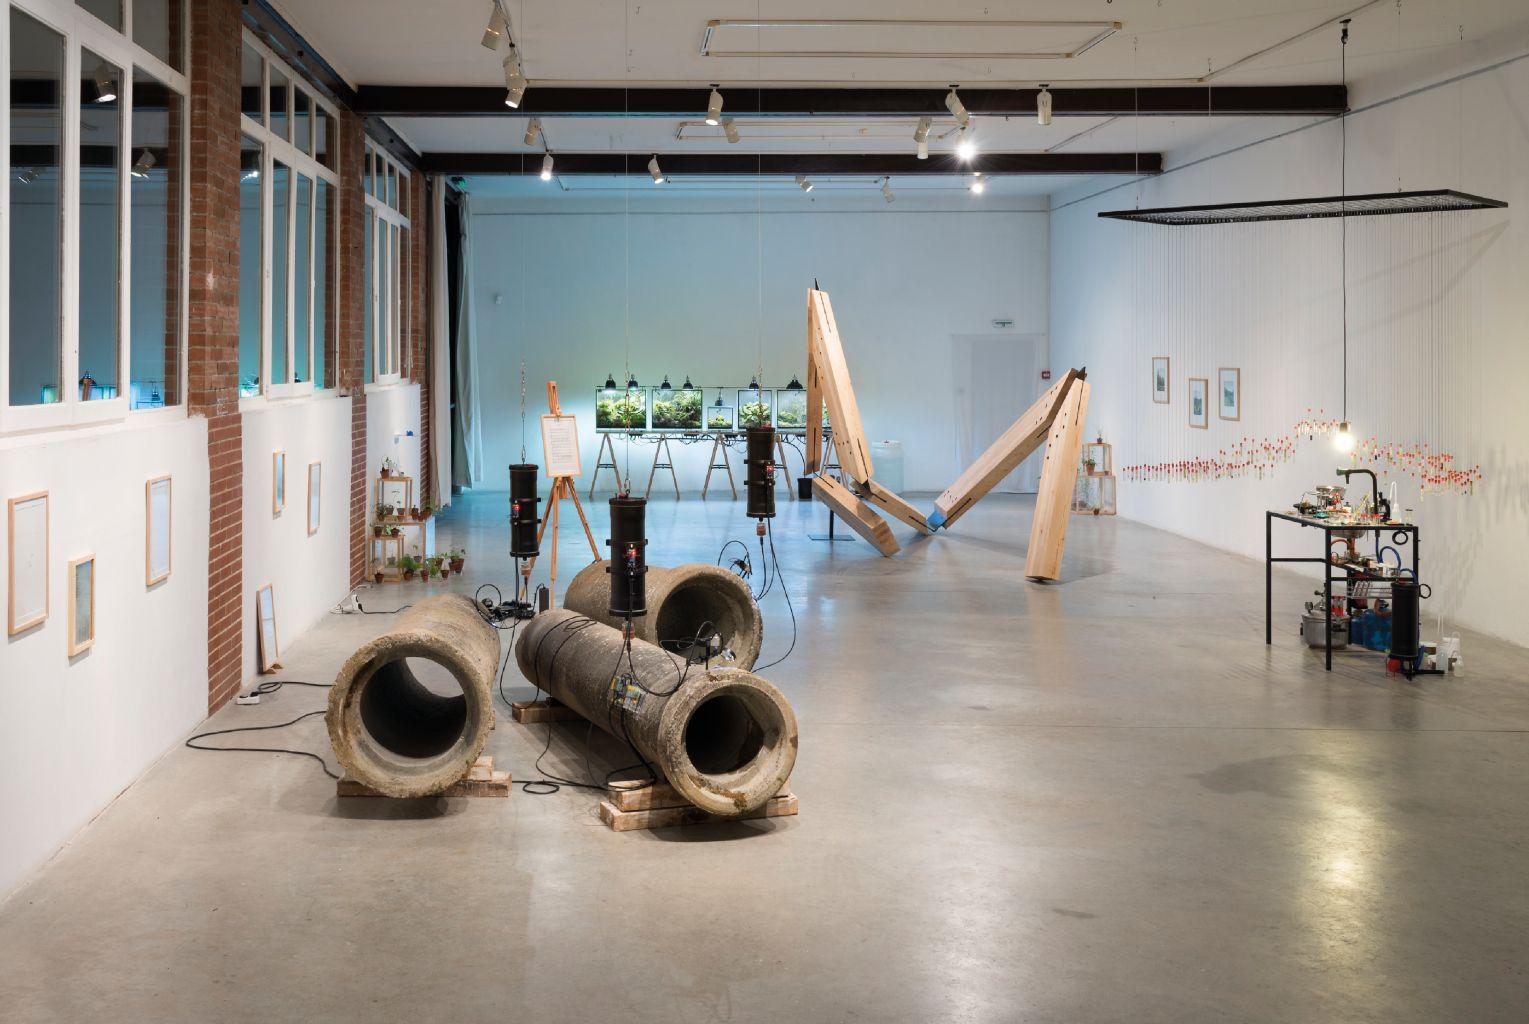 Paul Duncombe, La Fabrique du Paysage, 2017.